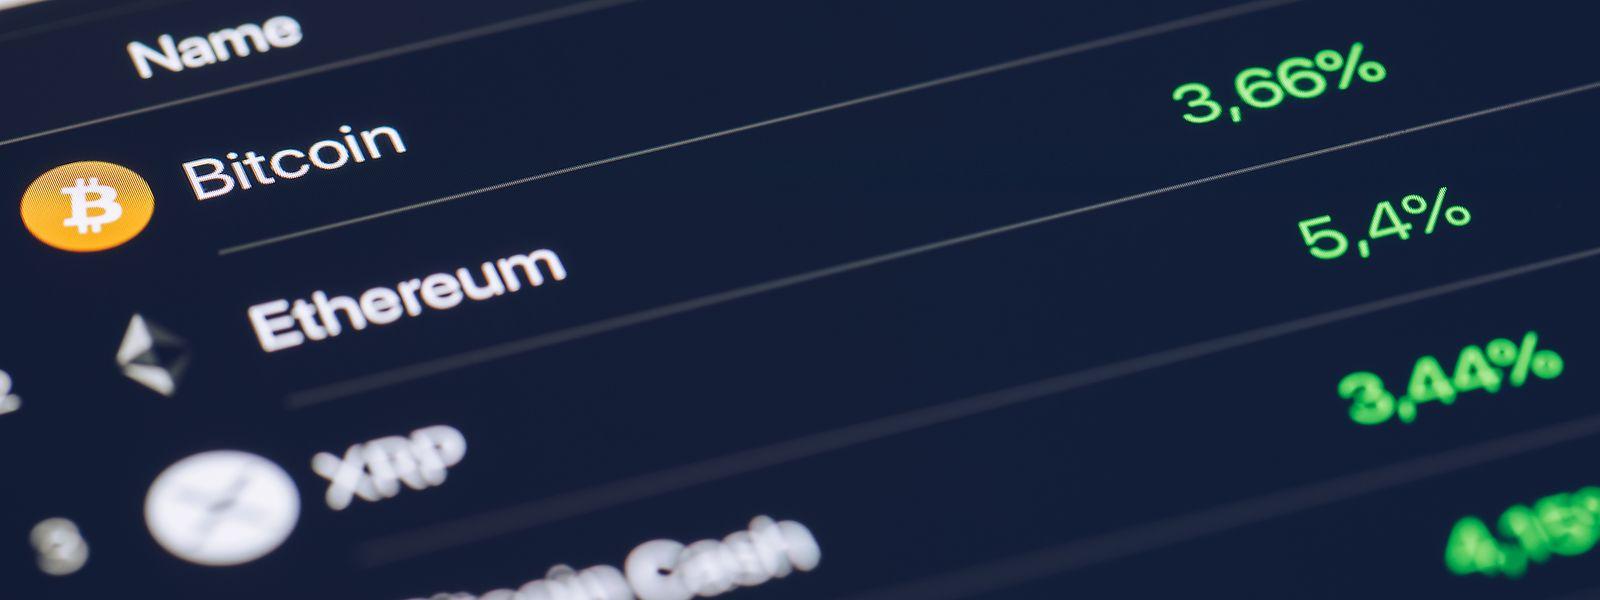 Kryptowährungen wie Bitcoin oder Ethereum rücken in den Mainstream.